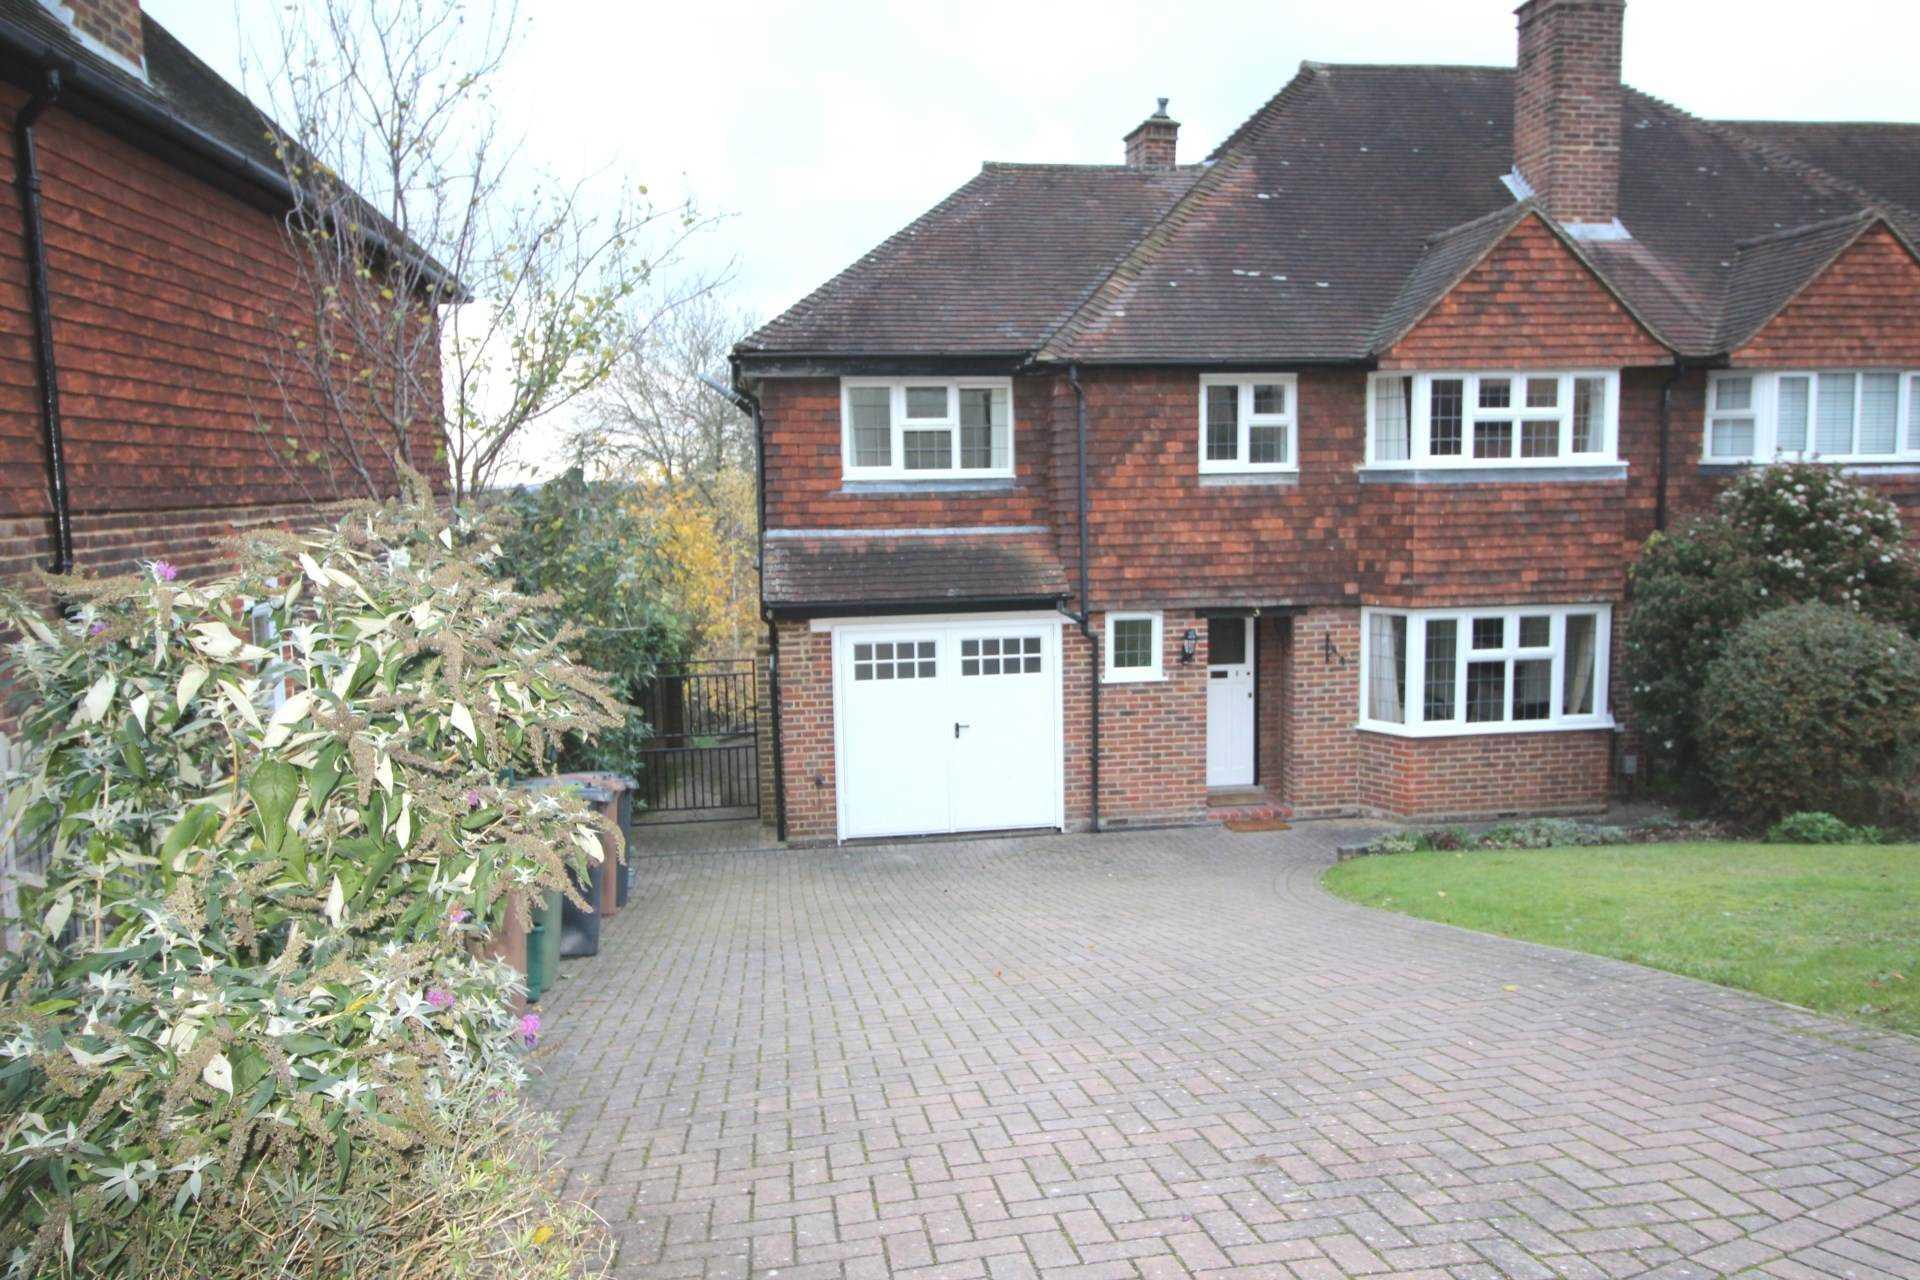 Room 1, Pewley Way, Guildford, GU1 3PX, Image 8